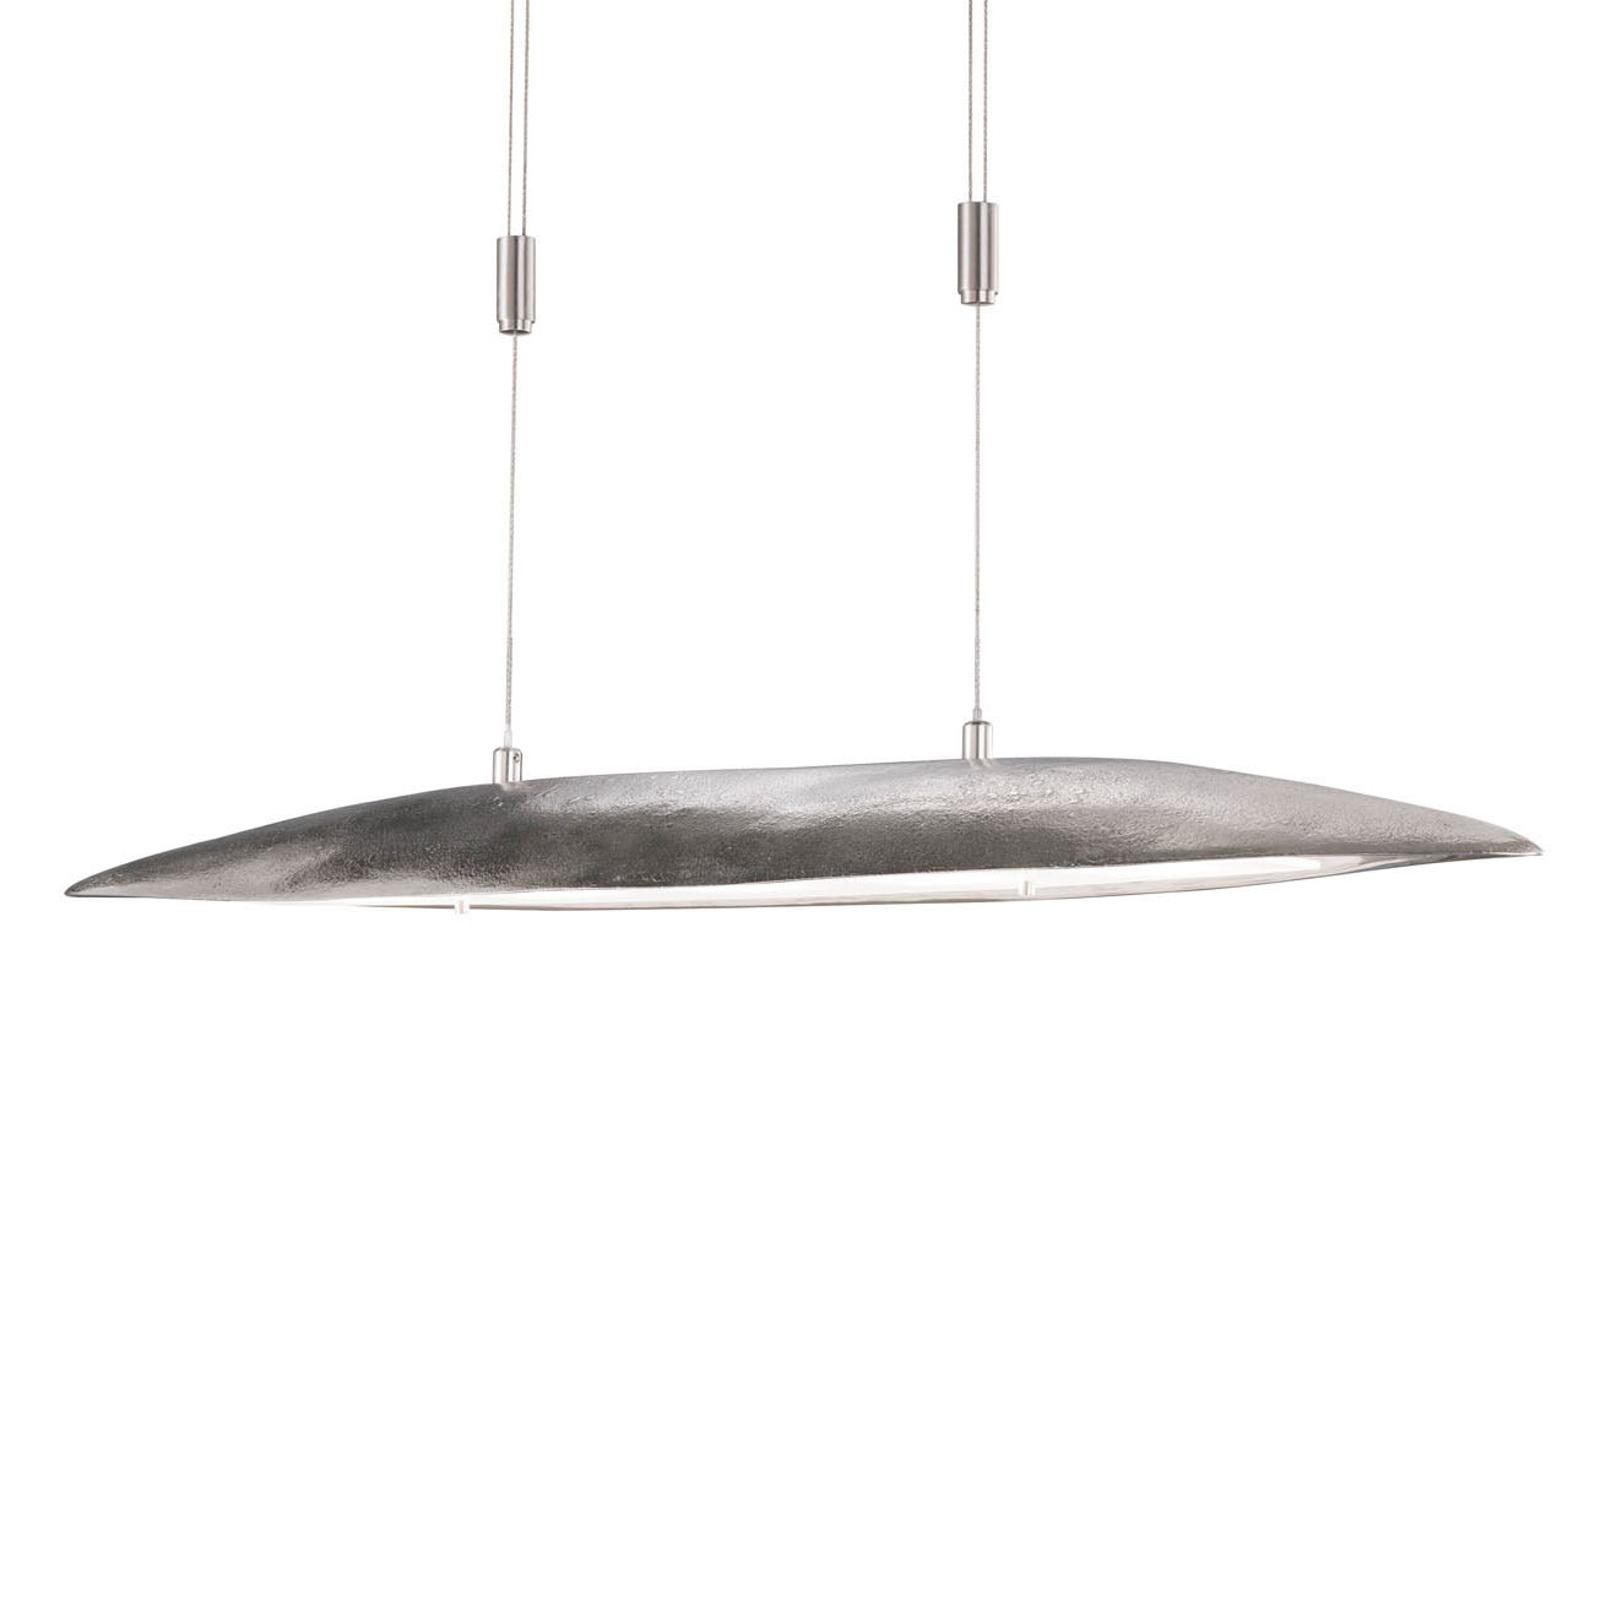 LED-Hängeleuchte Colmar, Länge 98 cm, nickel